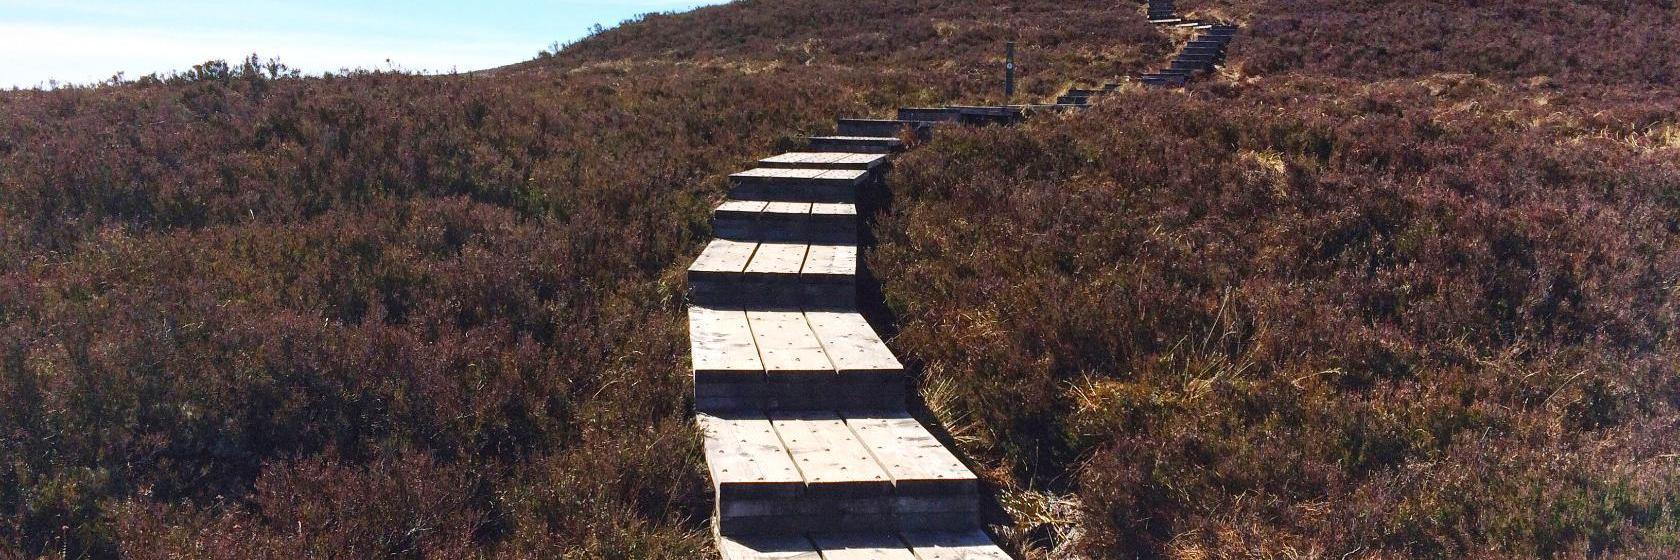 Kilkenny to Portlaoise, Mountmellick Road - 5 ways to travel